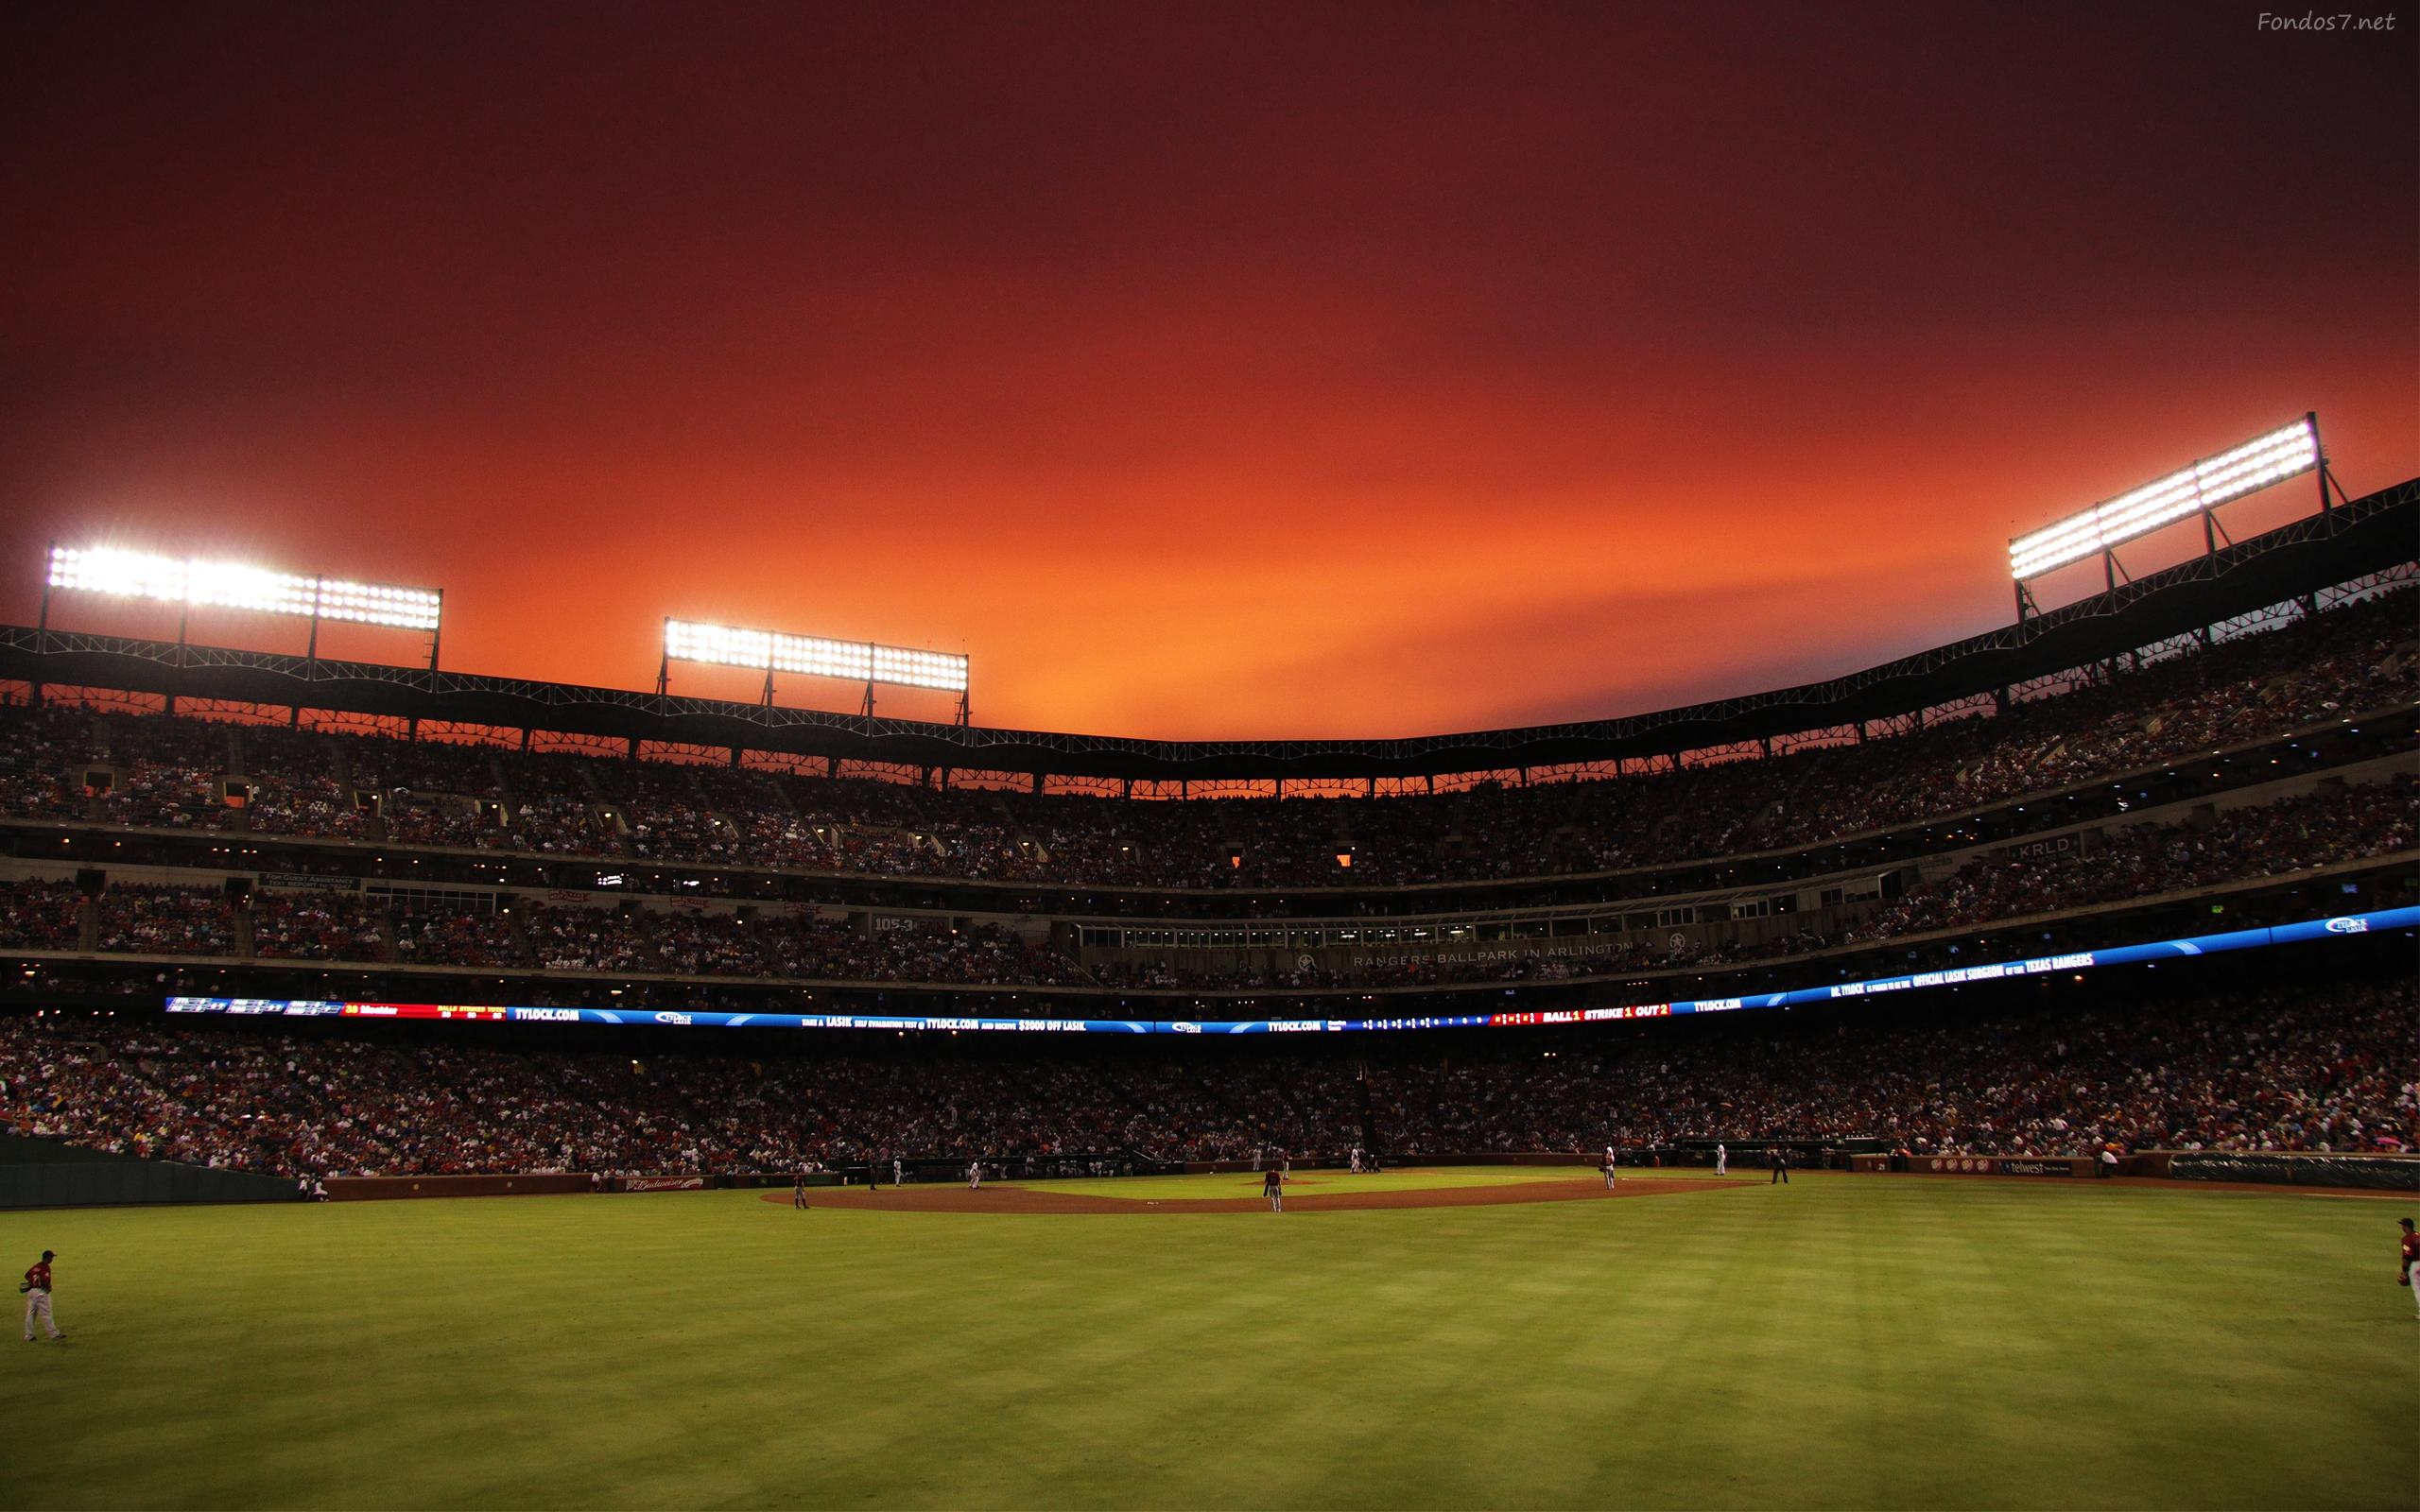 Descargar Fondos de pantalla un estadio de beisbol 3d hd widescreen 2560x1600